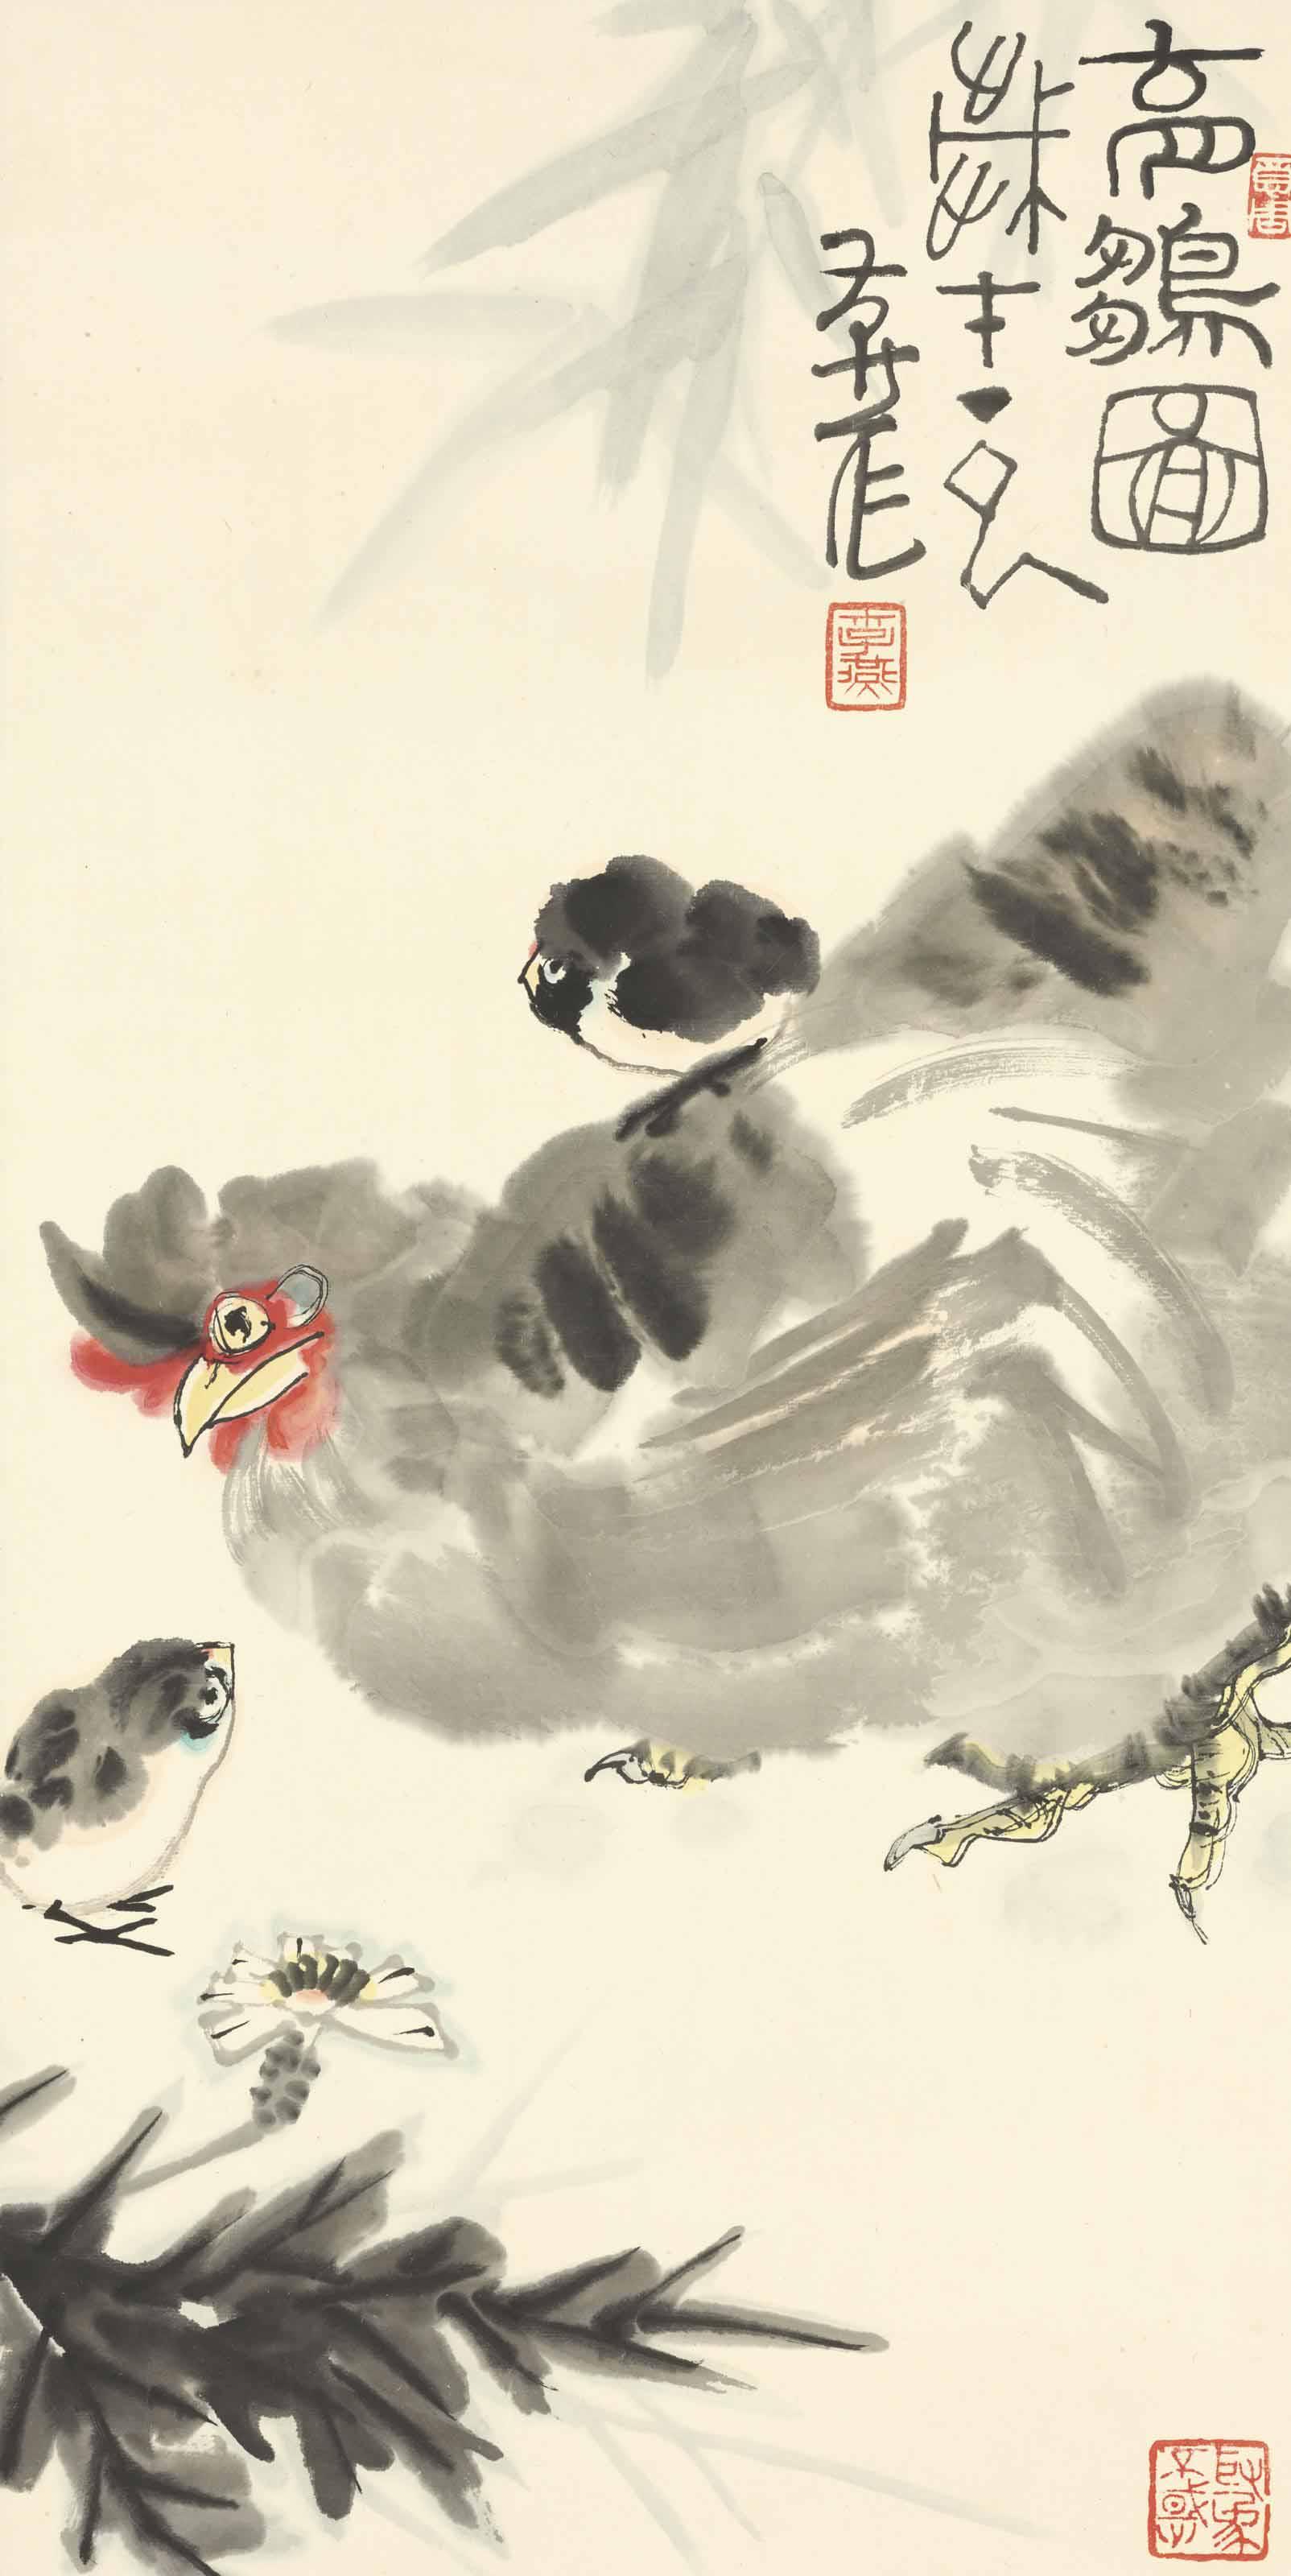 LI YAN (BORN 1943)